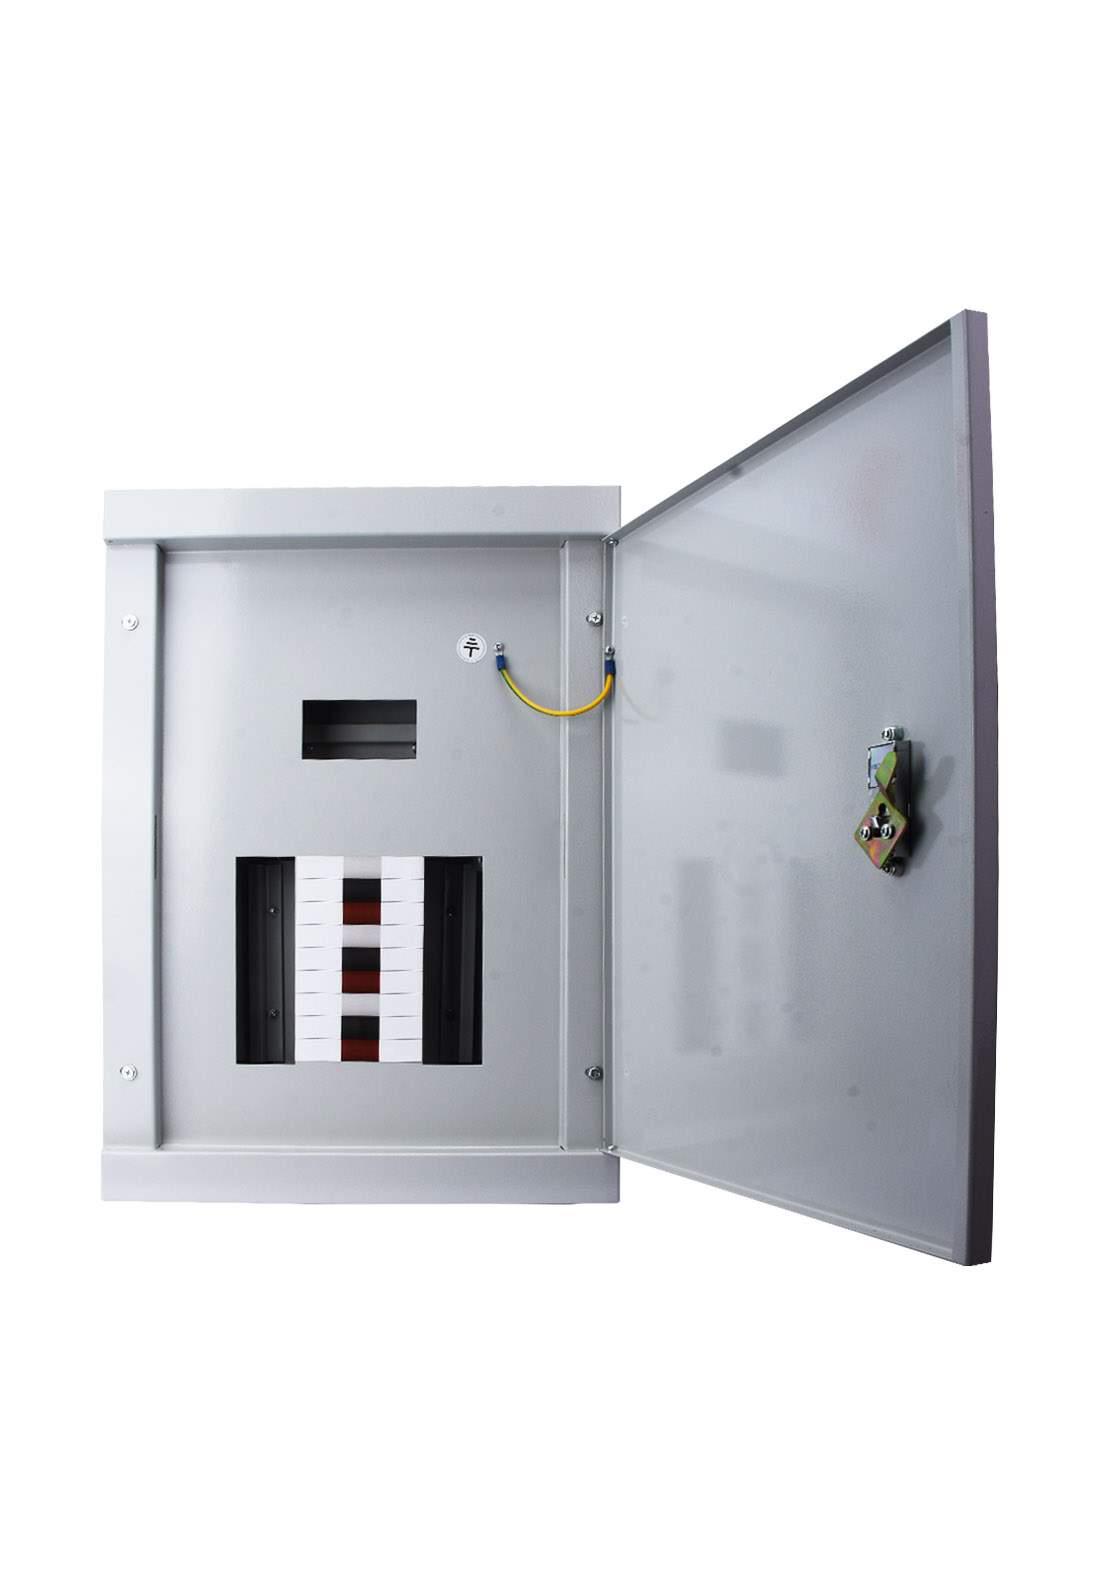 Junon MCB-V16-18 Power Distribution Box 3 Vise 18 Ways بوكس توزيع الكهرباء